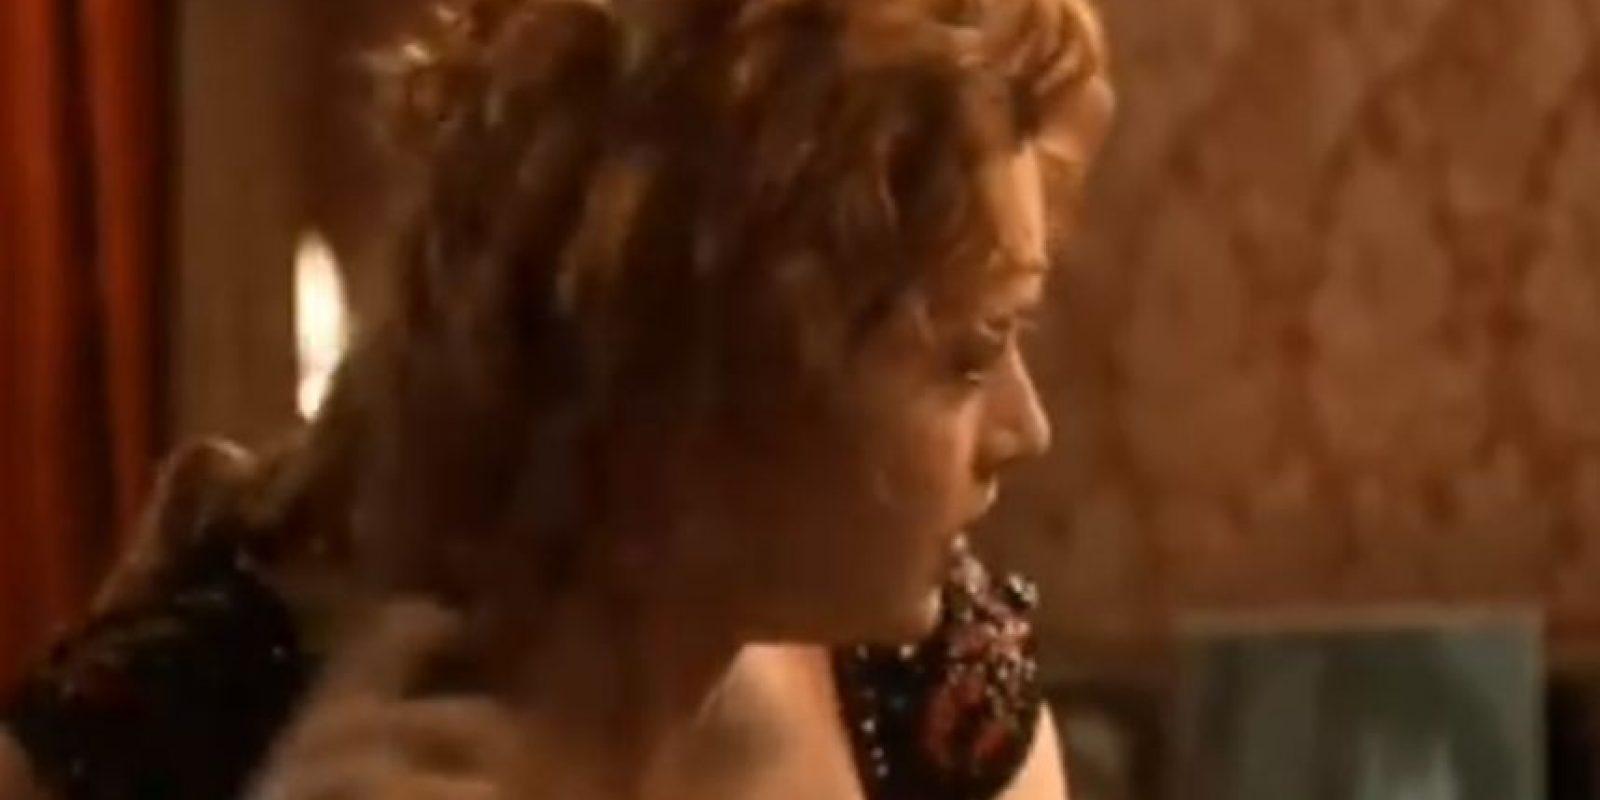 Desesperada por estar así y no hallar a su criada, comienza a quitarse todo ella misma. Luego corre a suicidarse. Foto:Fox. Imagen Por: